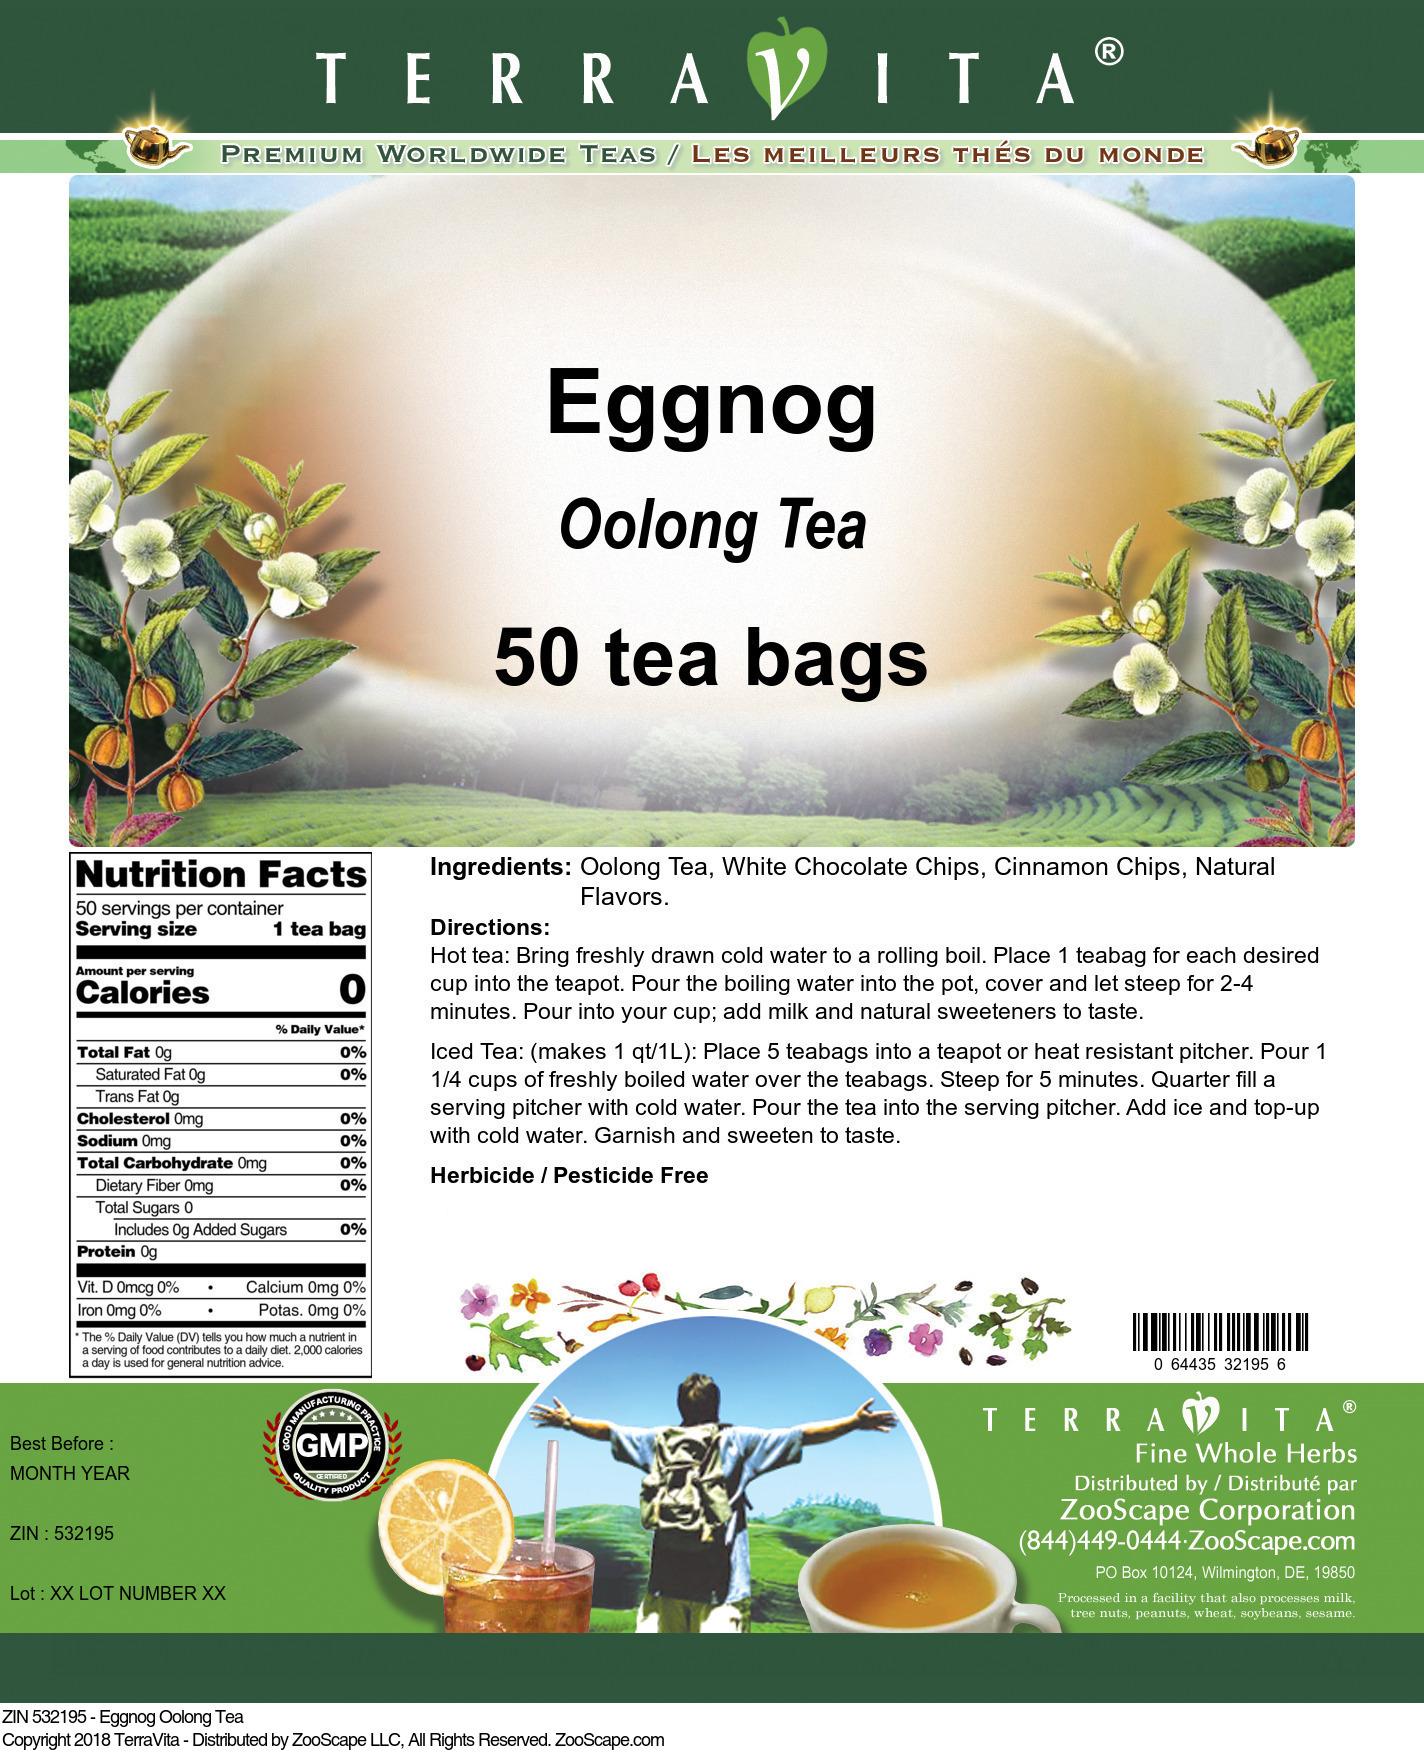 Eggnog Oolong Tea